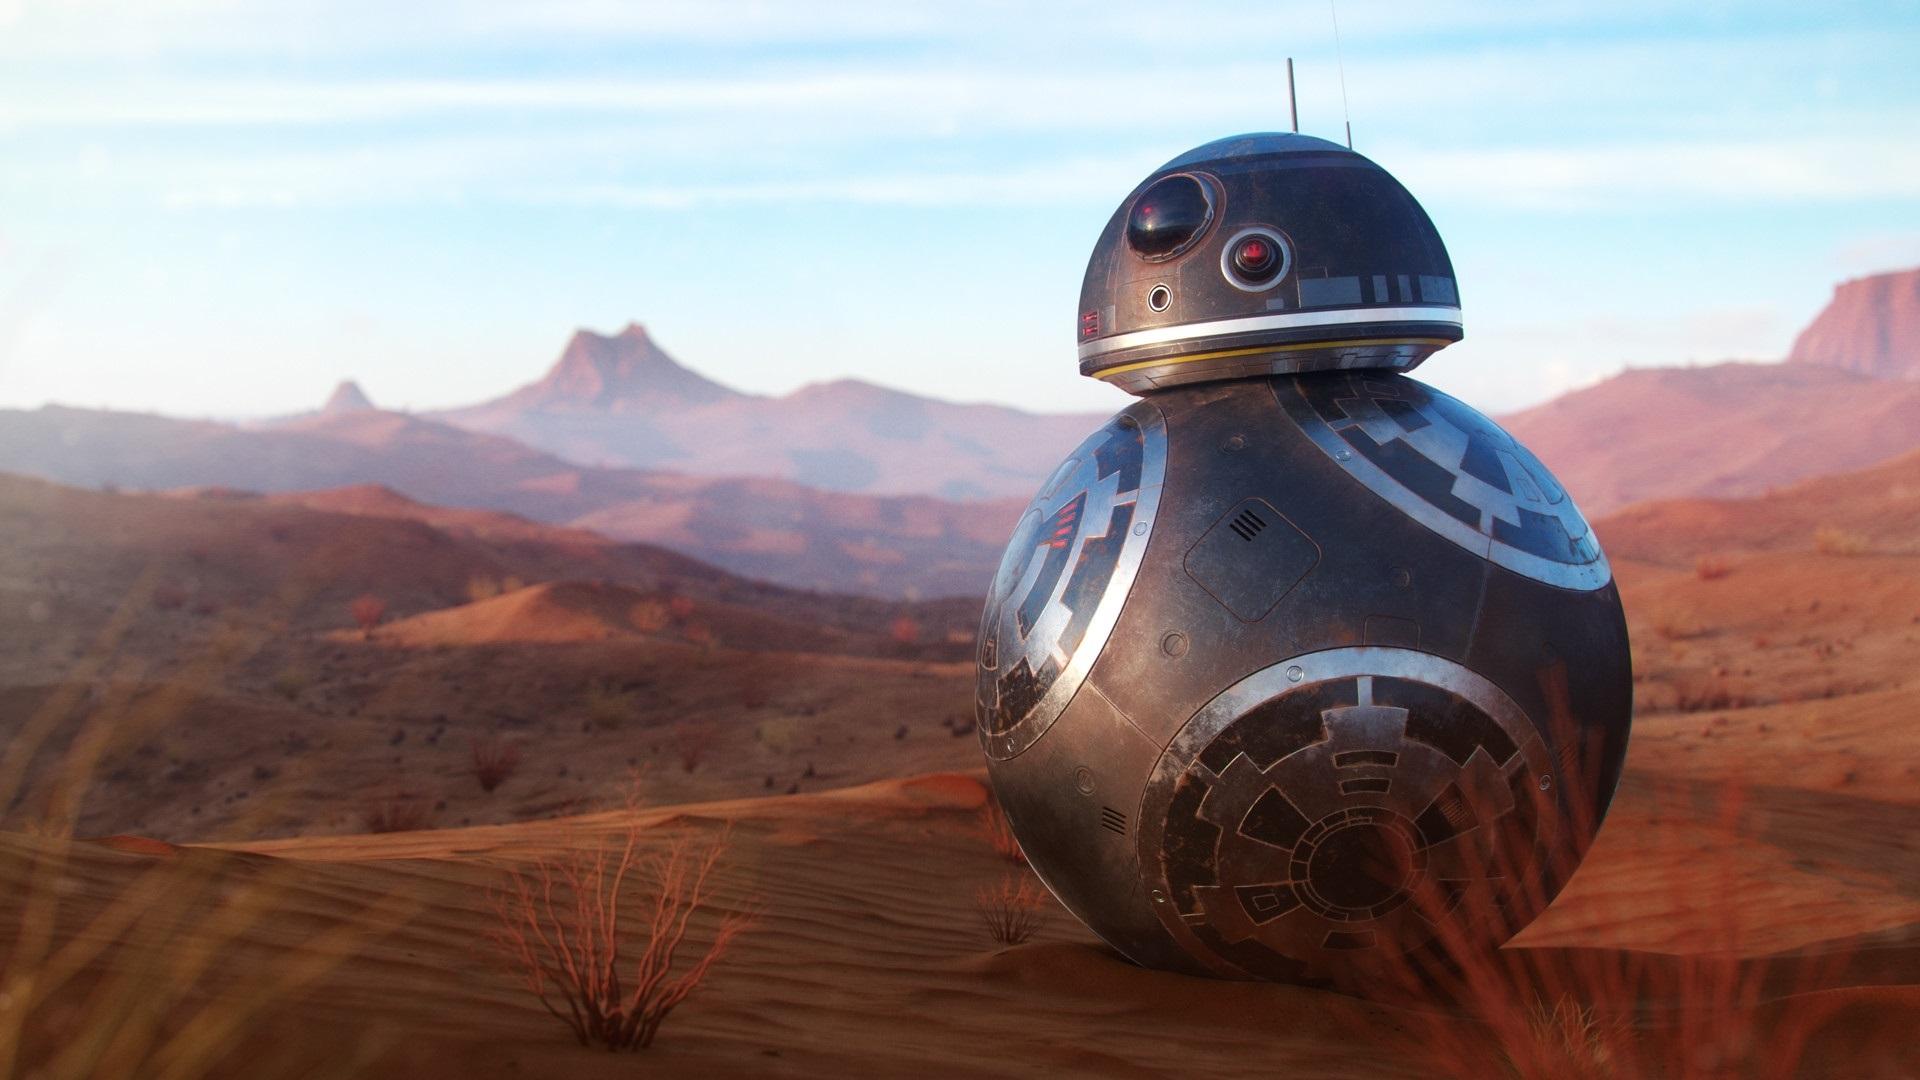 Fonds d'écran Robot BB8 au désert 1920x1080 Full HD 2K image